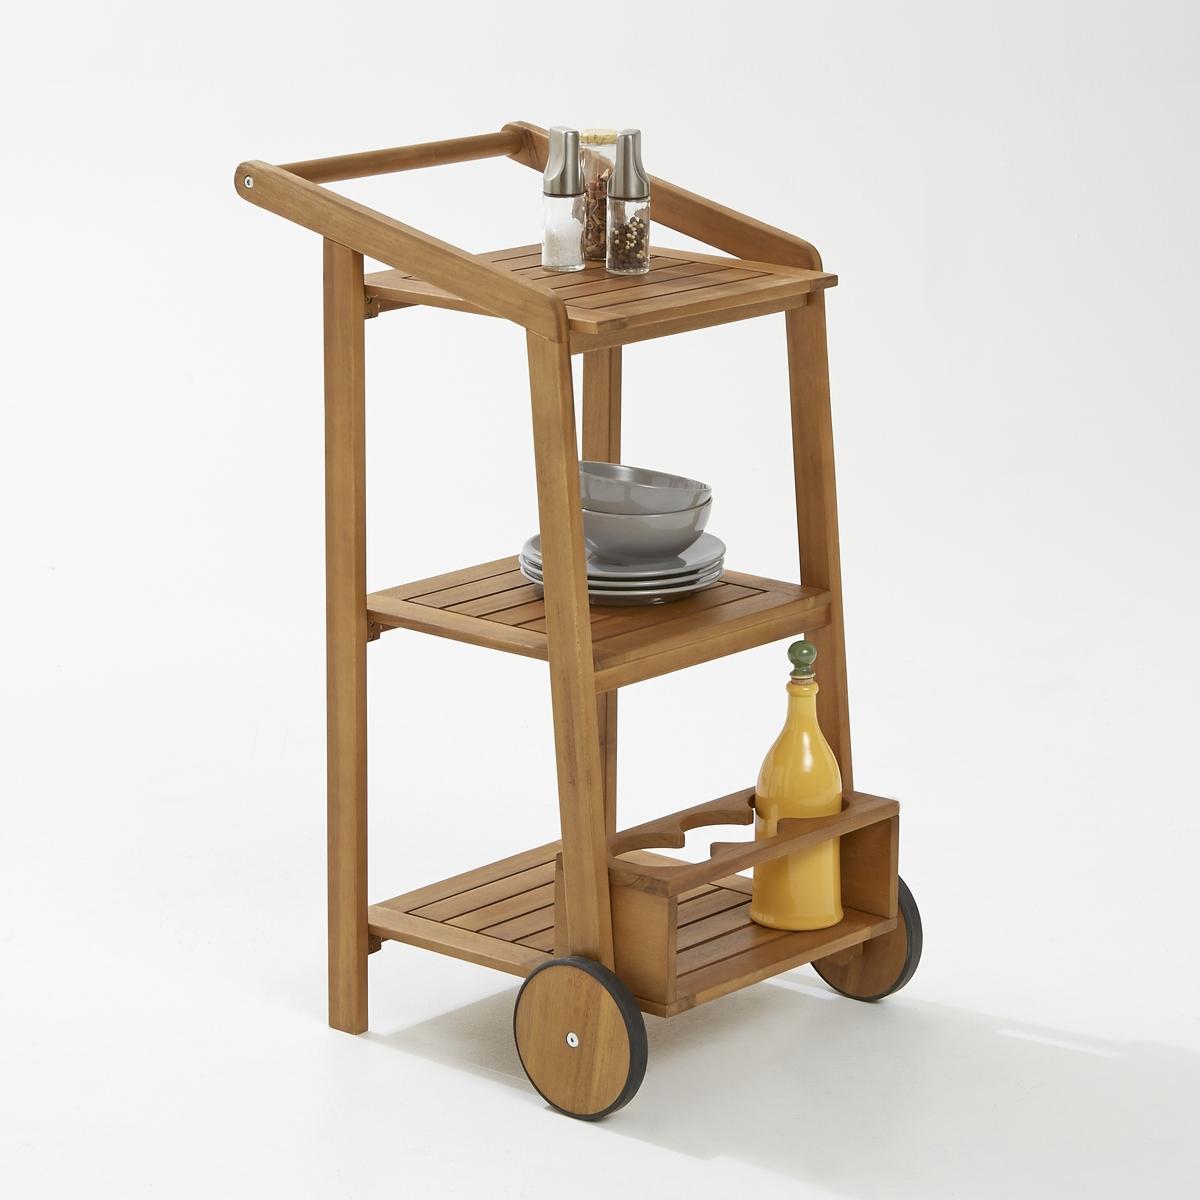 Стол на колесах с 3 полками + 1 дверь с держателем бутылокСервировочный стол, который идеально впишется в обстановку! 3 полки, держатель бутылок, колеса: удобно подавать завтрак на терассу. Дерево акации легко мыть. Характеристики сервировочного стола:Прямоугольной формы.2 колеса.3 полки.1 держатель бутылок.Дерево акации.Размеры сервировочного стола:Ширина: 45 см.Высота: 85 см.Глубина: 54 см.Вес: 6 кг.Размеры поверхности стола:Длина 35 см  x Ширина 33 см x Высота 15 см.Размеры в упаковке:длина 89 см.ширина 44.5 см.высота 13 см.Вес 7.5 кг.Качество:Акация обладает хорошими механическими свойствами (прочность, устойчивость к насекомым и грибам, устойчивость к непогоде и чередованию сухой и влажной погоды).Доставка:Стол доставляется в разобранном виде. Доставка осуществляется до квартиры!Внимание! Убедитесь, что товар возможно доставить на дом, учитывая его габариты (проходит в двери, по лестницам, в лифты).<br><br>Цвет: акация<br>Размер: единый размер